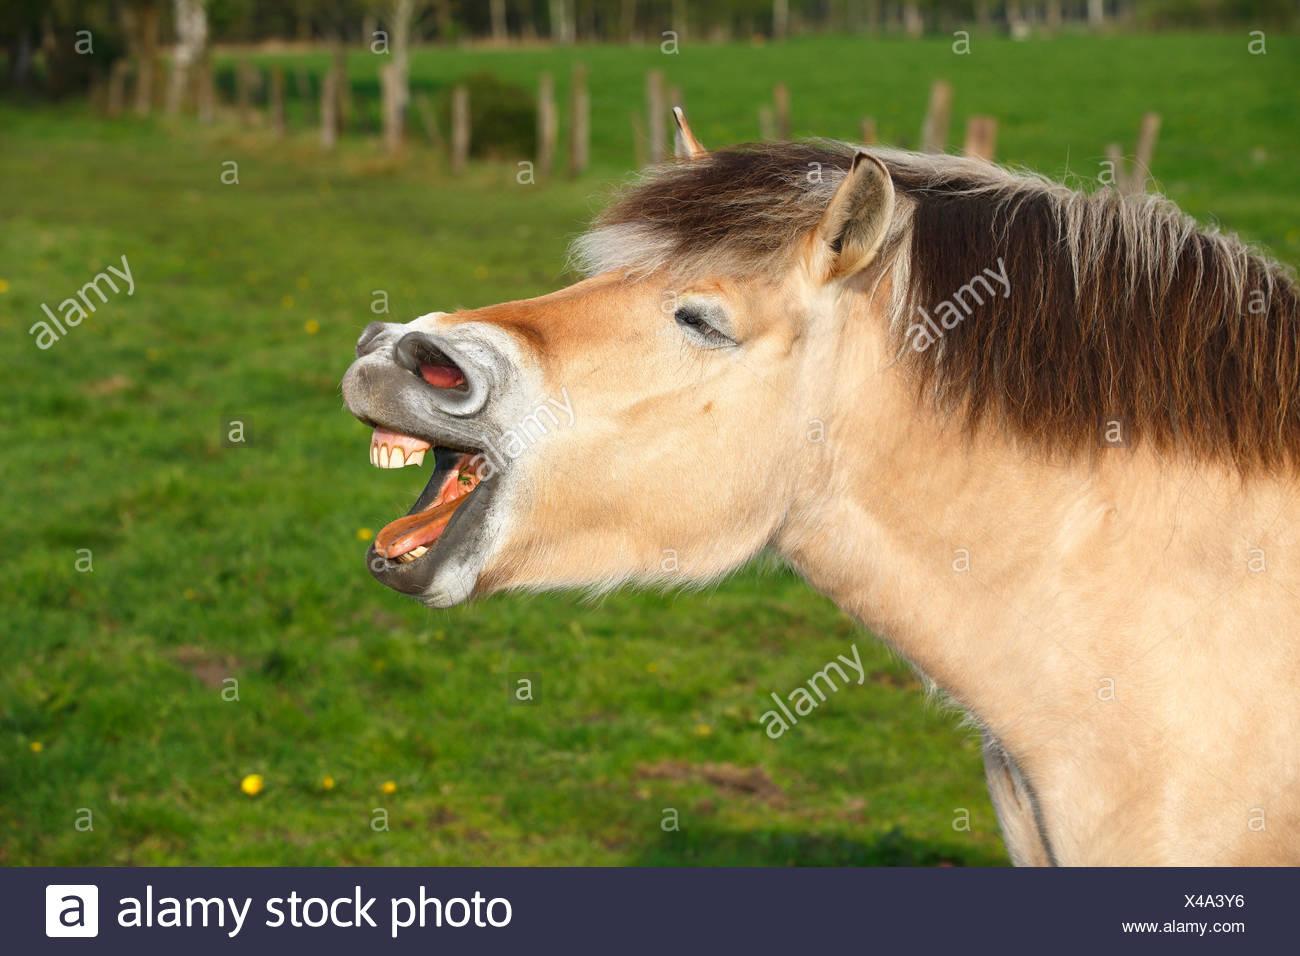 Yawning horse, Norwegian fjord horse, Schleswig-Holstein, Germany - Stock Image